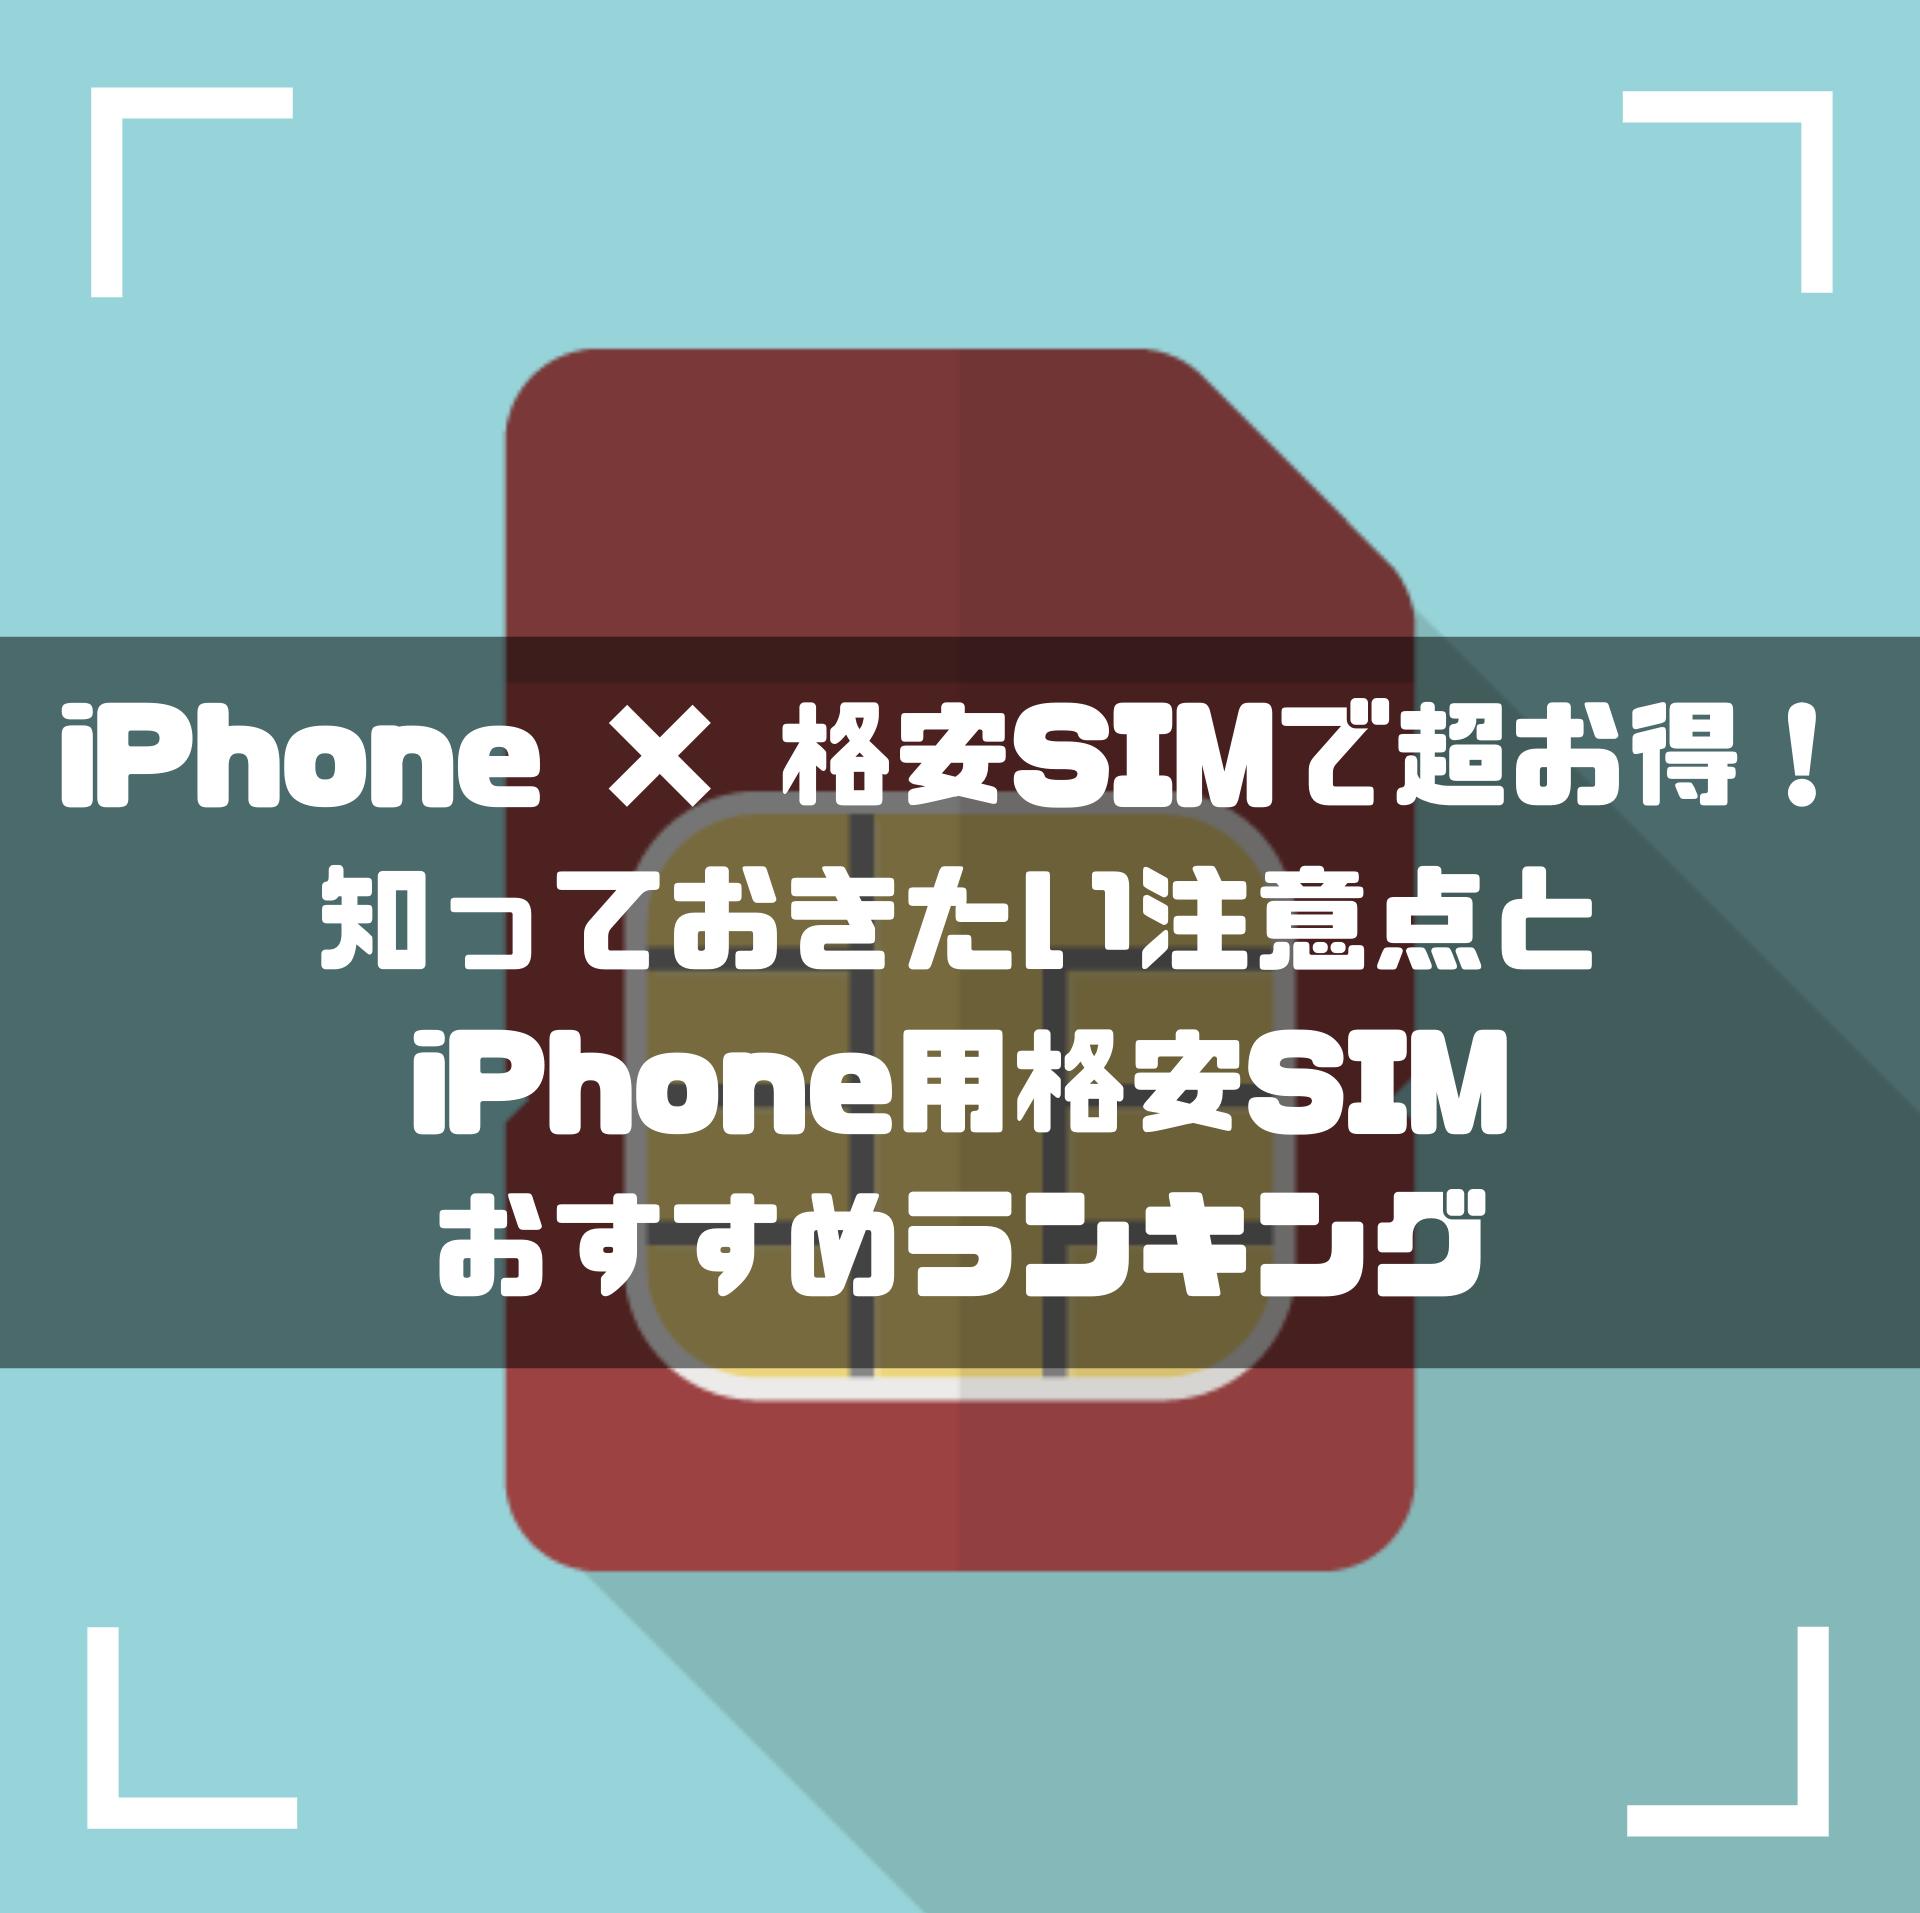 iPhone × 格安SIMで超お得!お得に使えるおすすめ格安SIMと注意点を徹底解説!